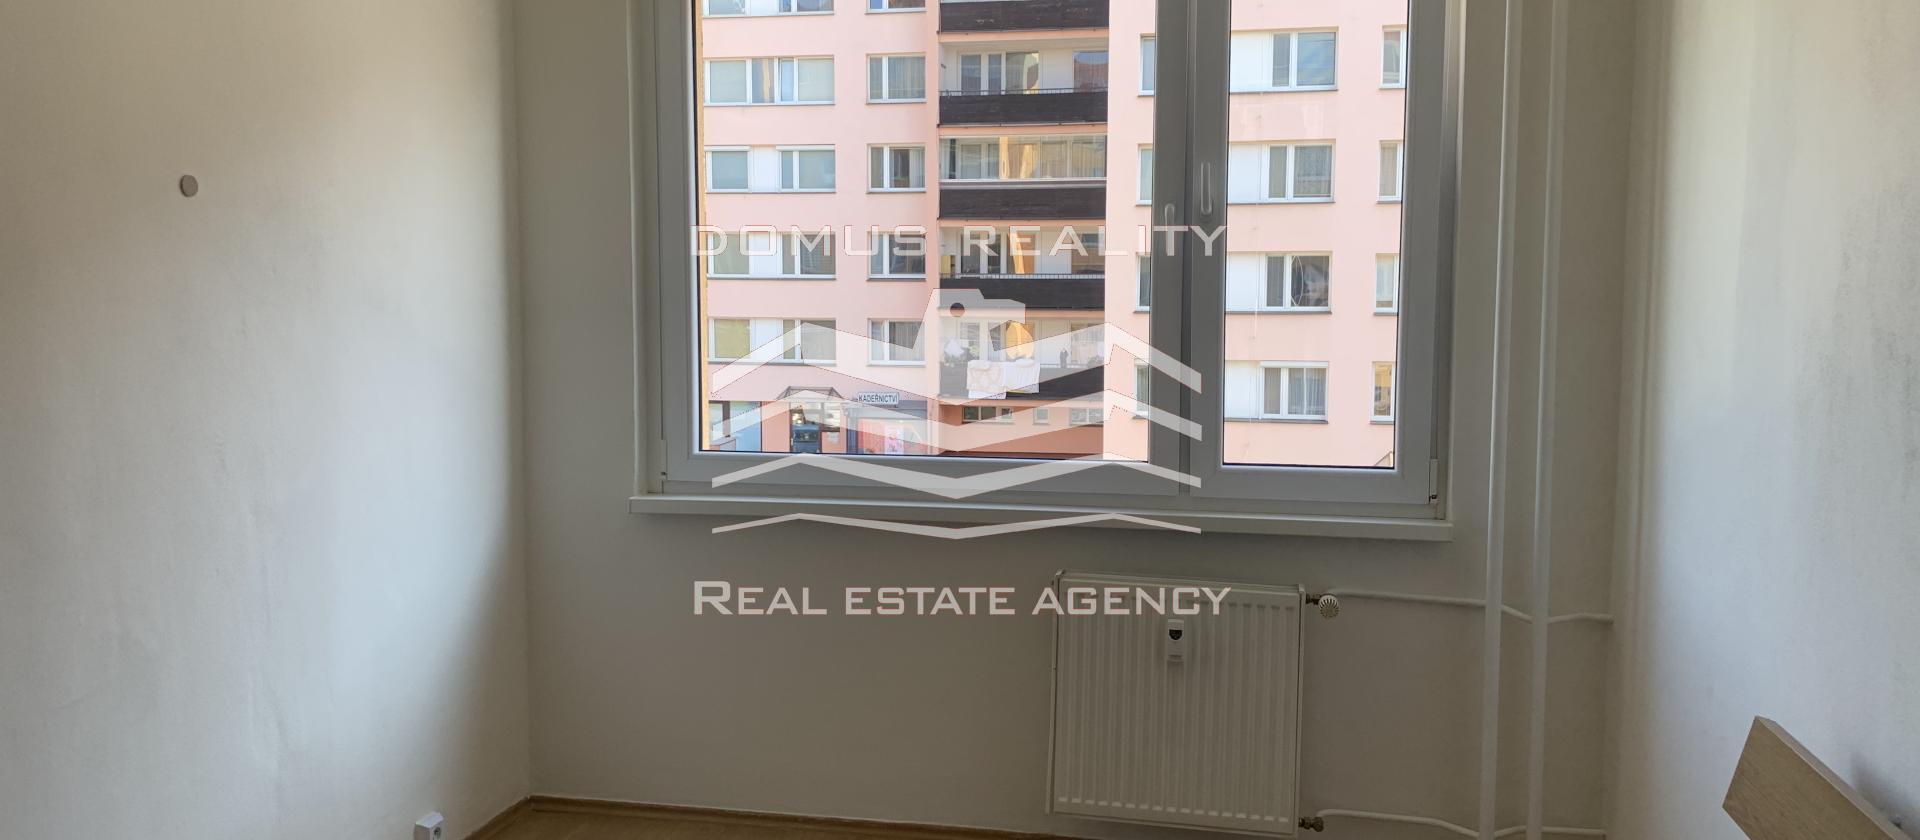 Nabízíme pronájem pěkného bytu 3+1, o ploše 80 m2, v 2. patře panelového domu s výtahem,